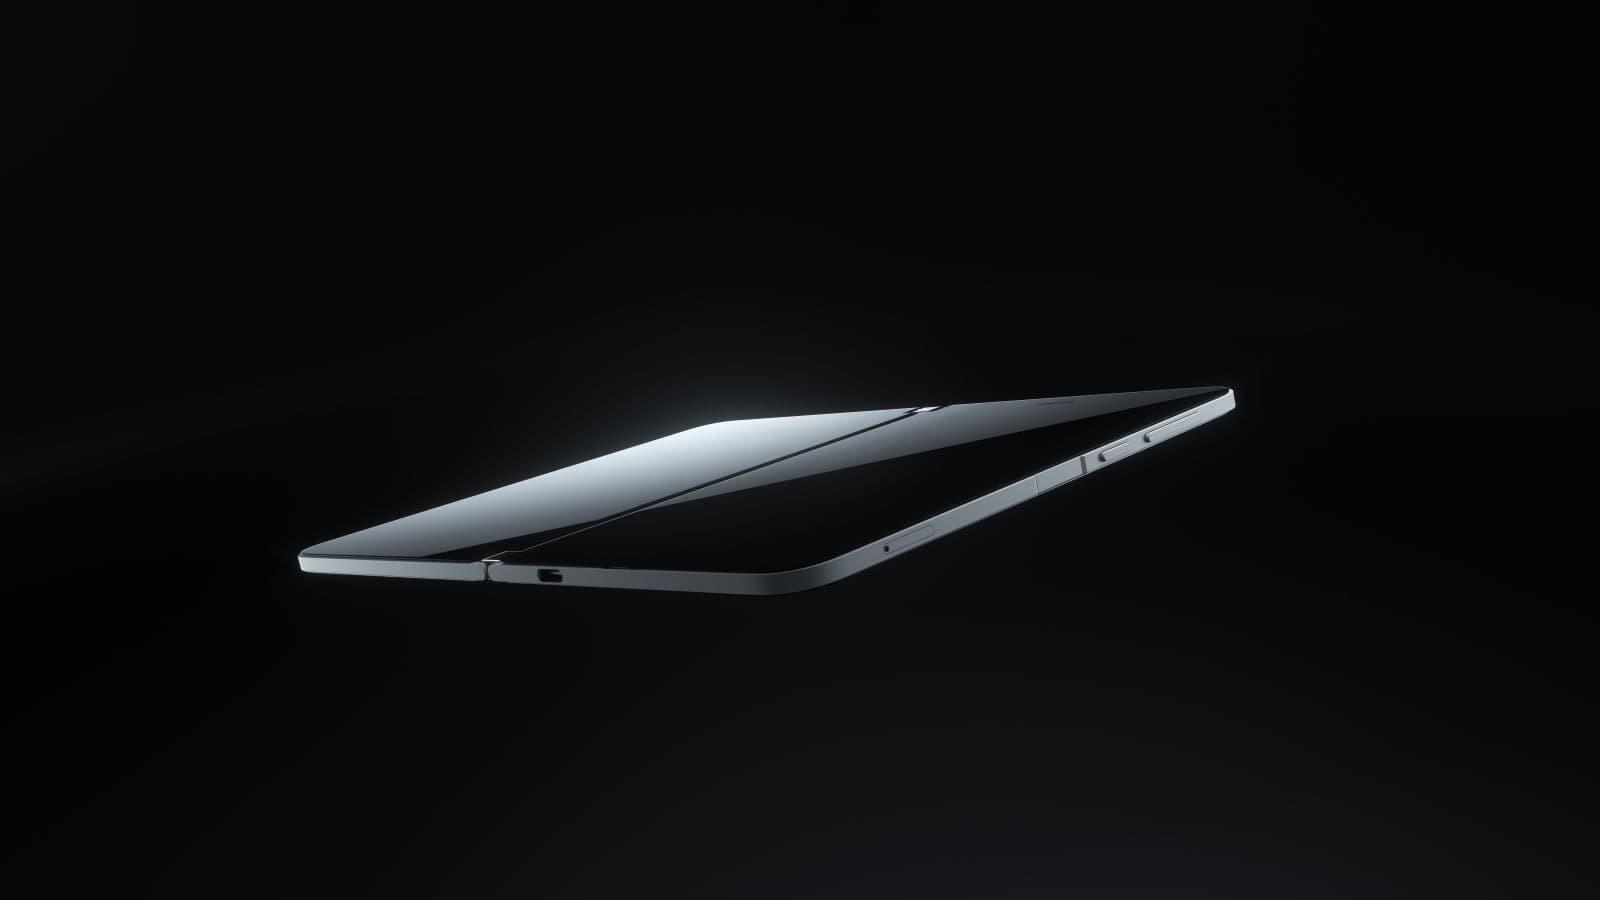 Junto com um botão de bloqueio e de volume, o Surface Duo também tem um leitor de impressões digitais na lateral